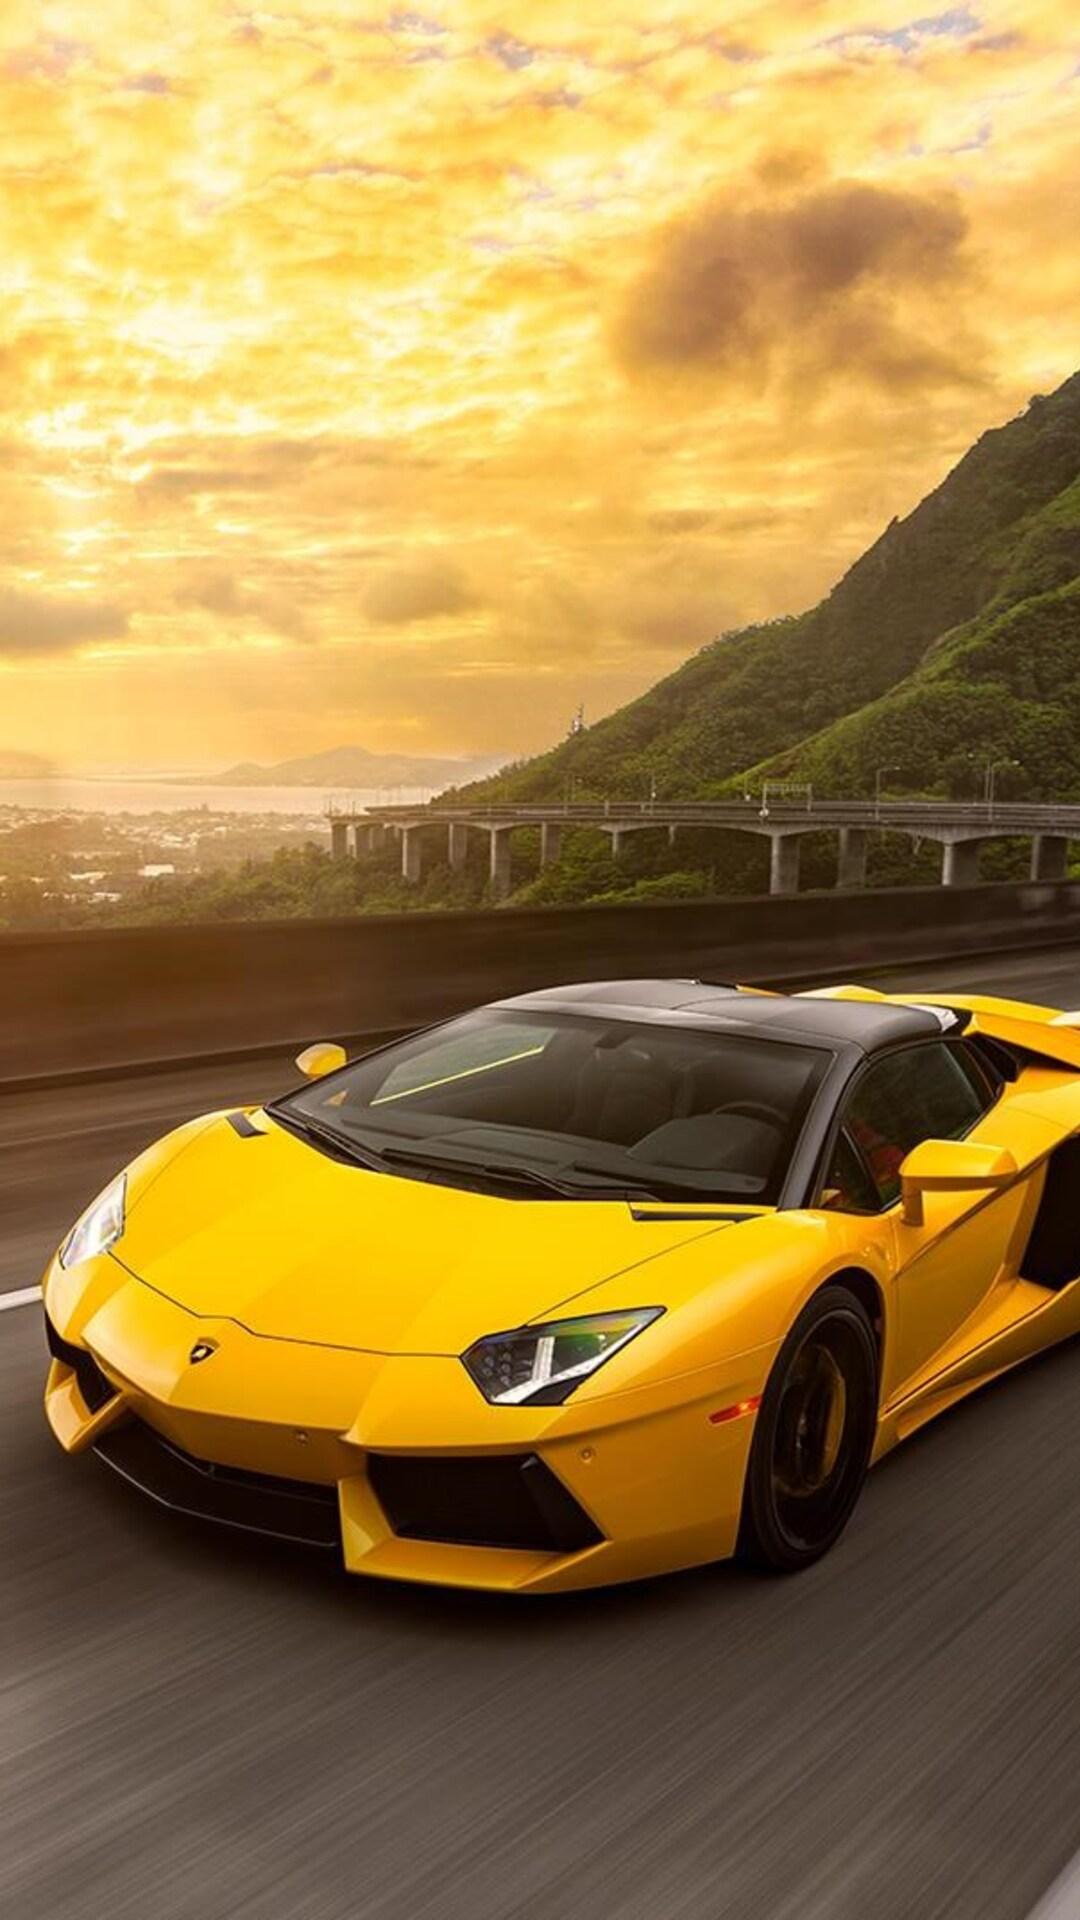 1080x1920 Lamborghini Aventador 2016 1 Iphone 7,6s,6 Plus ...